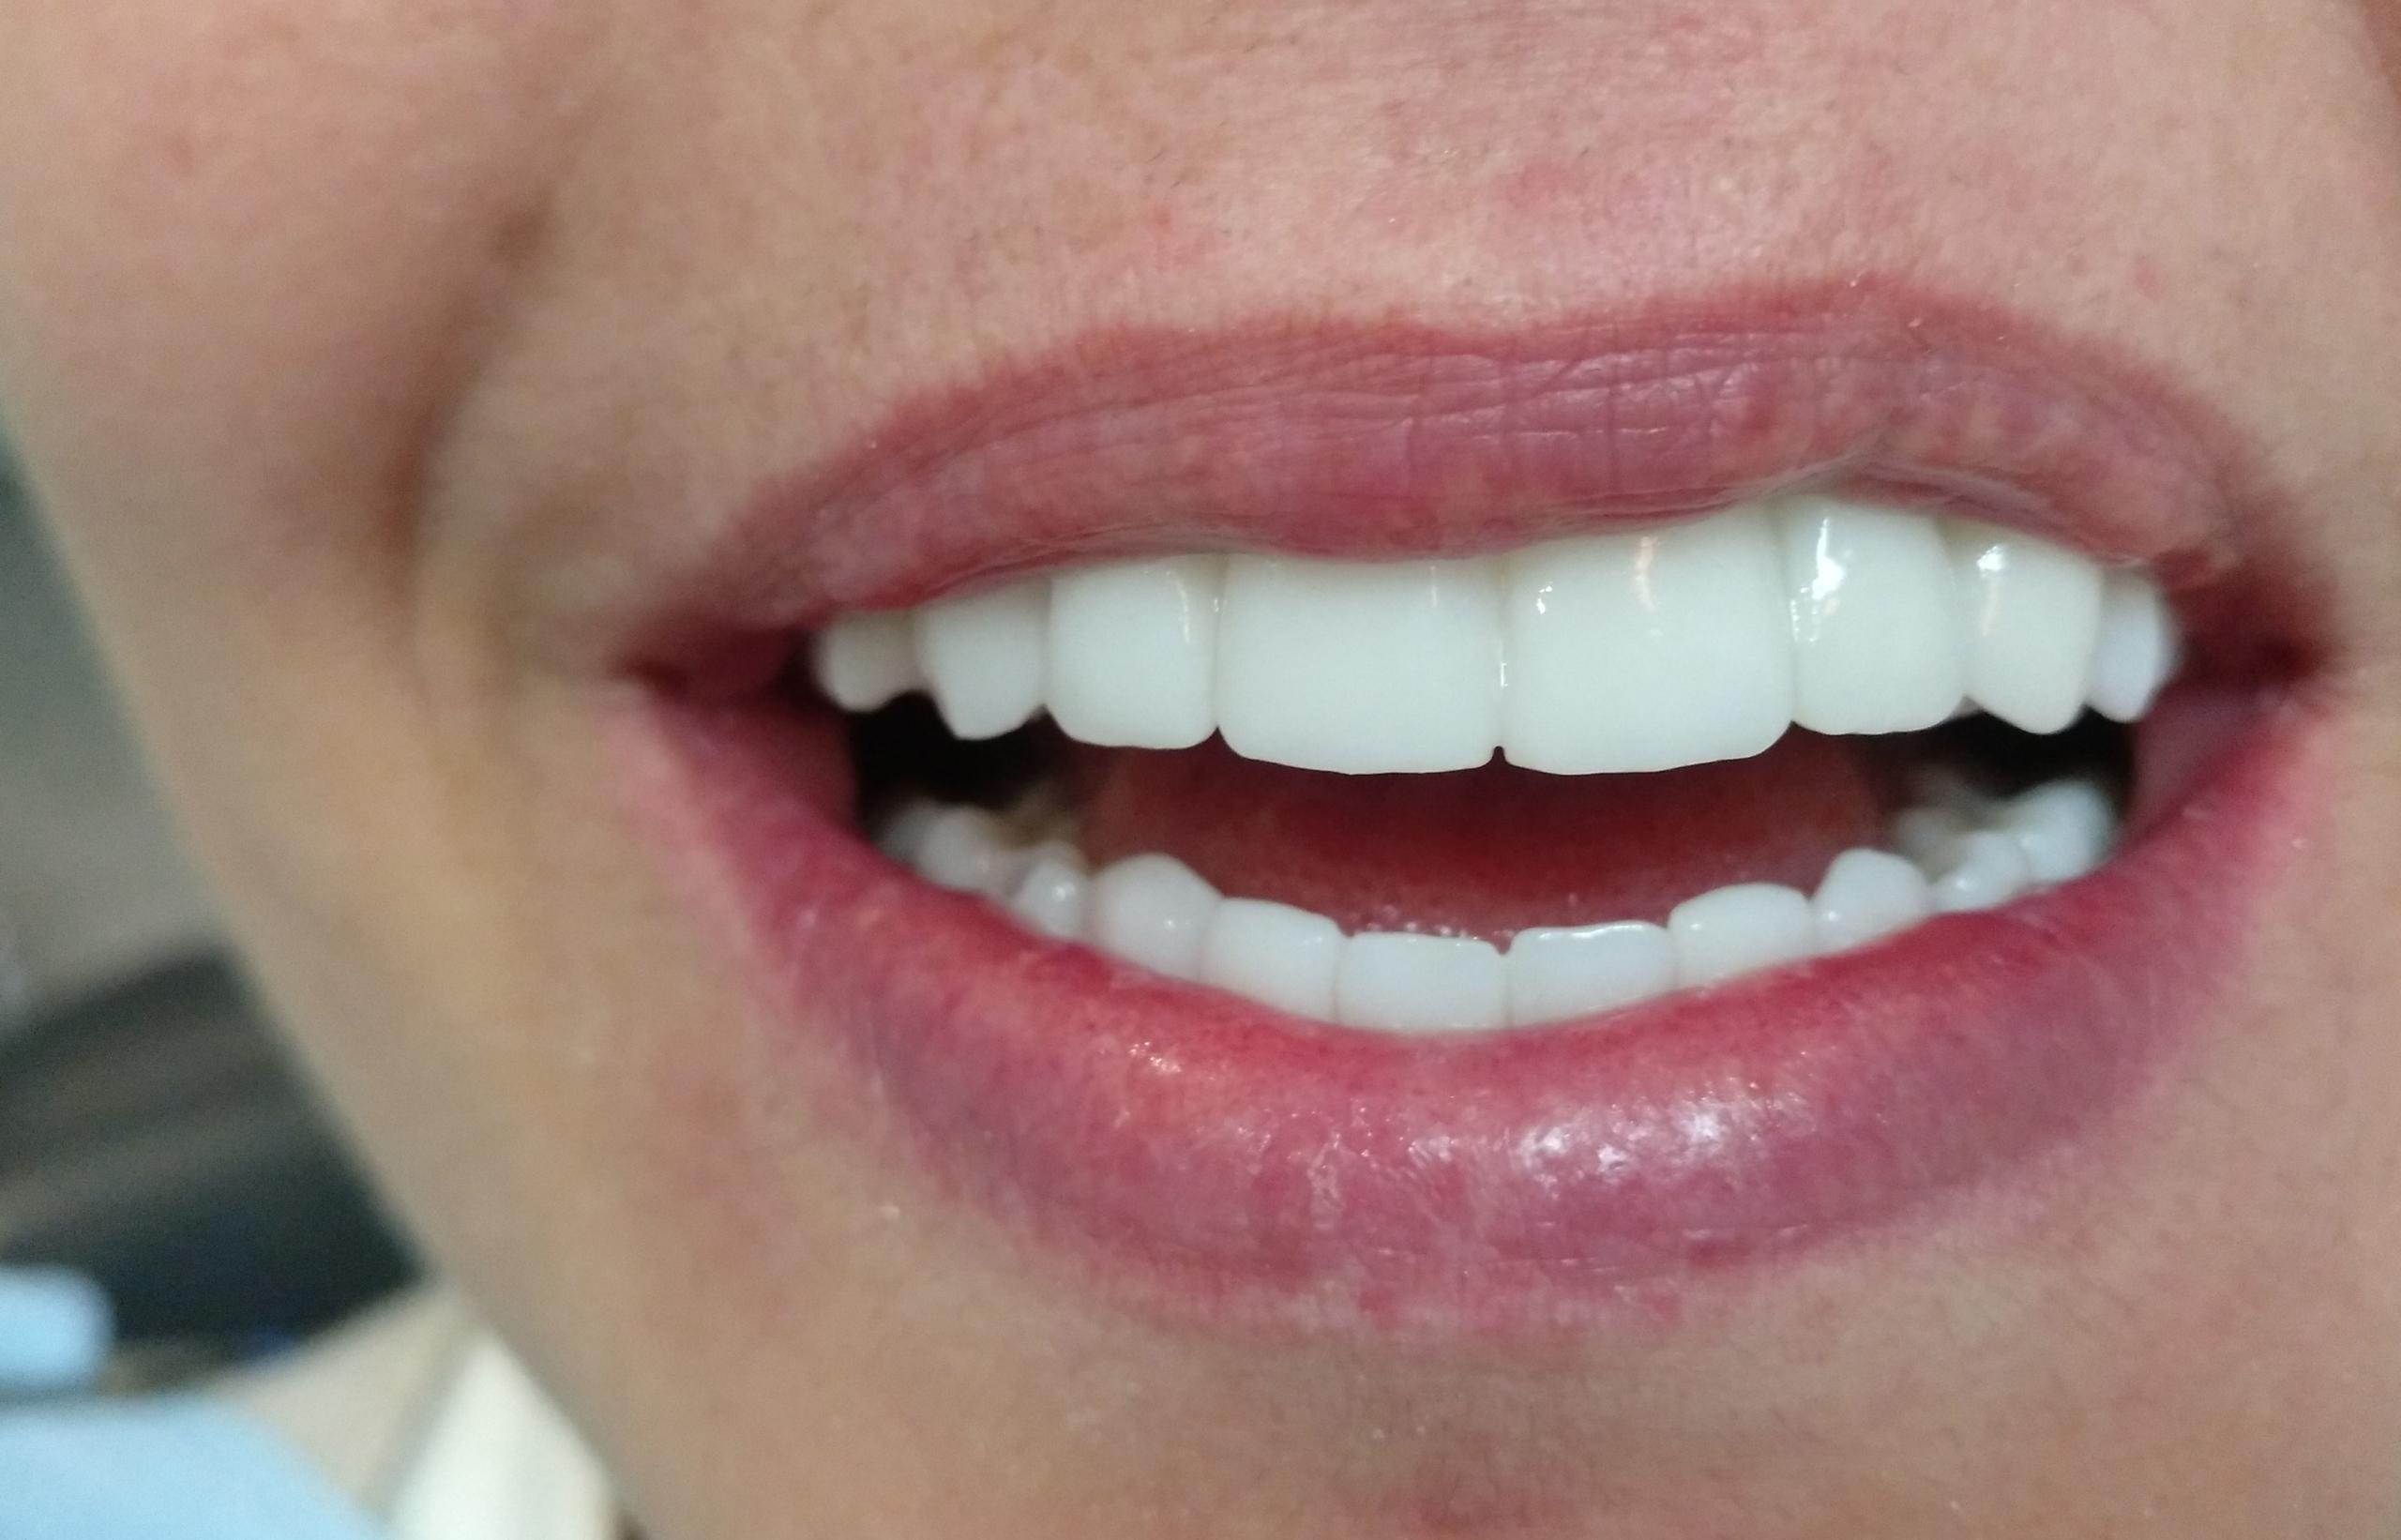 Tratamiento recperación inferior y superior maxilar completa en clínica dental Arturo Martos en Granada. Después.